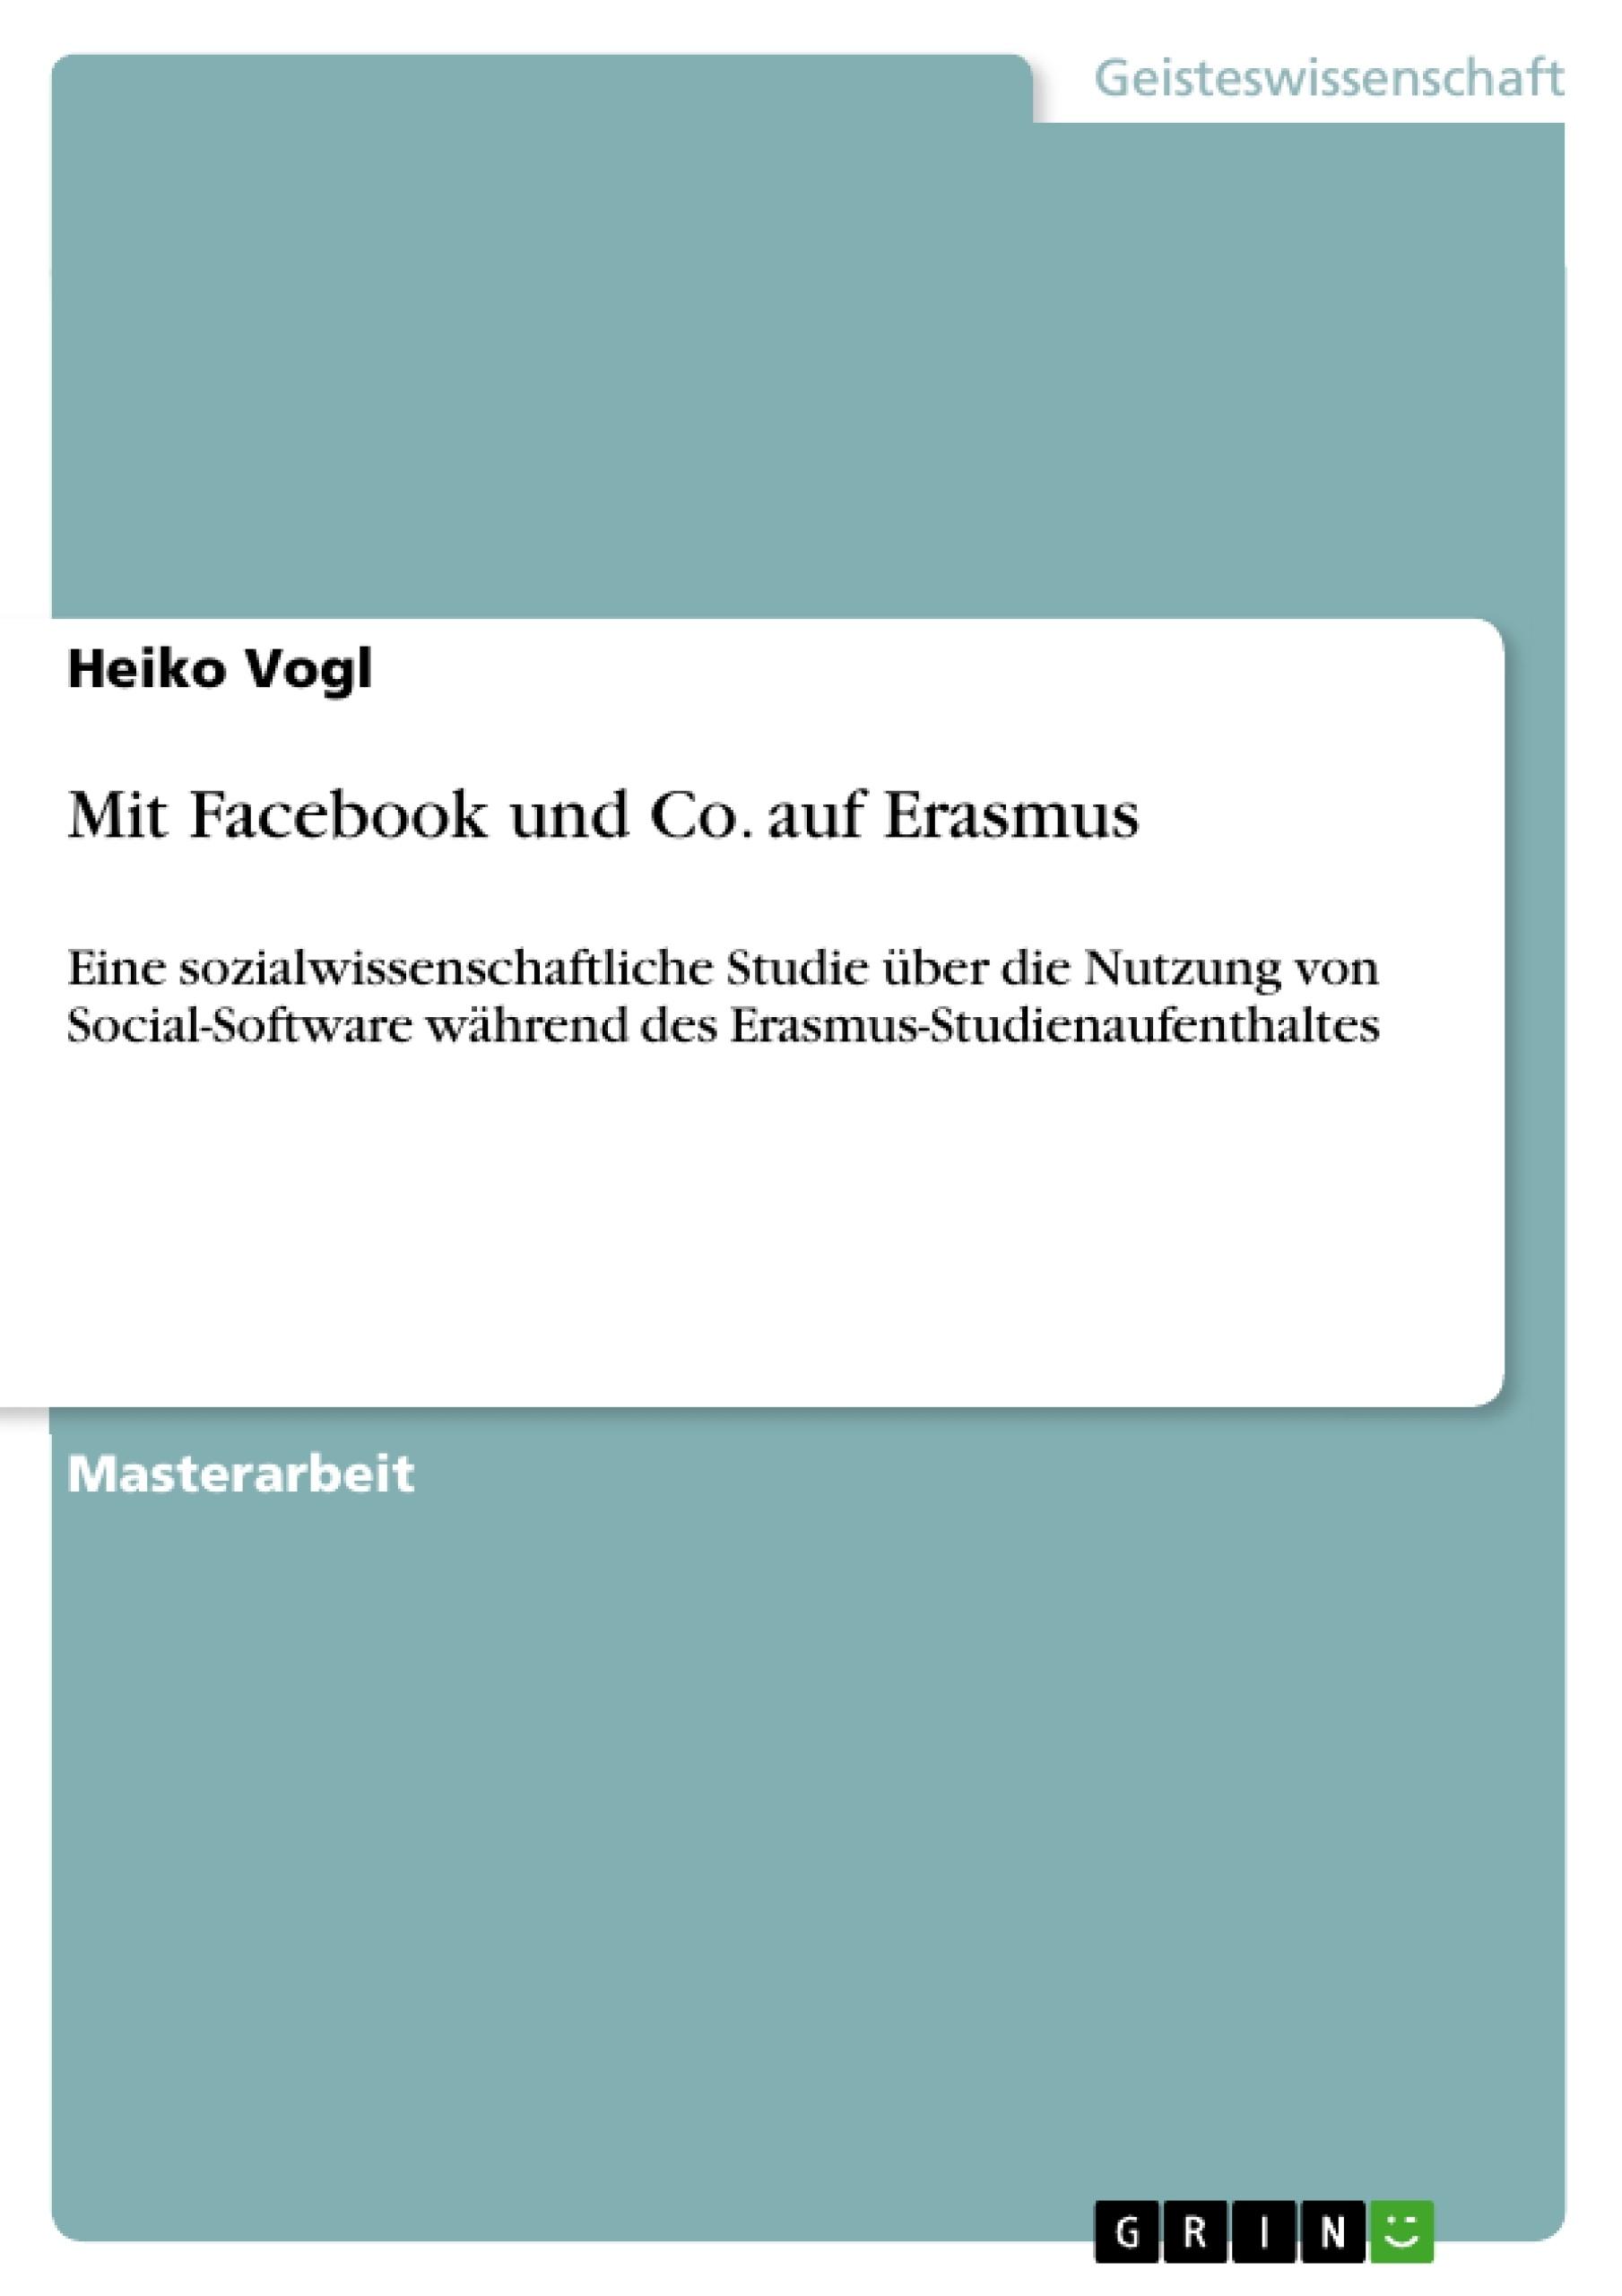 Titel: Mit Facebook und Co. auf Erasmus